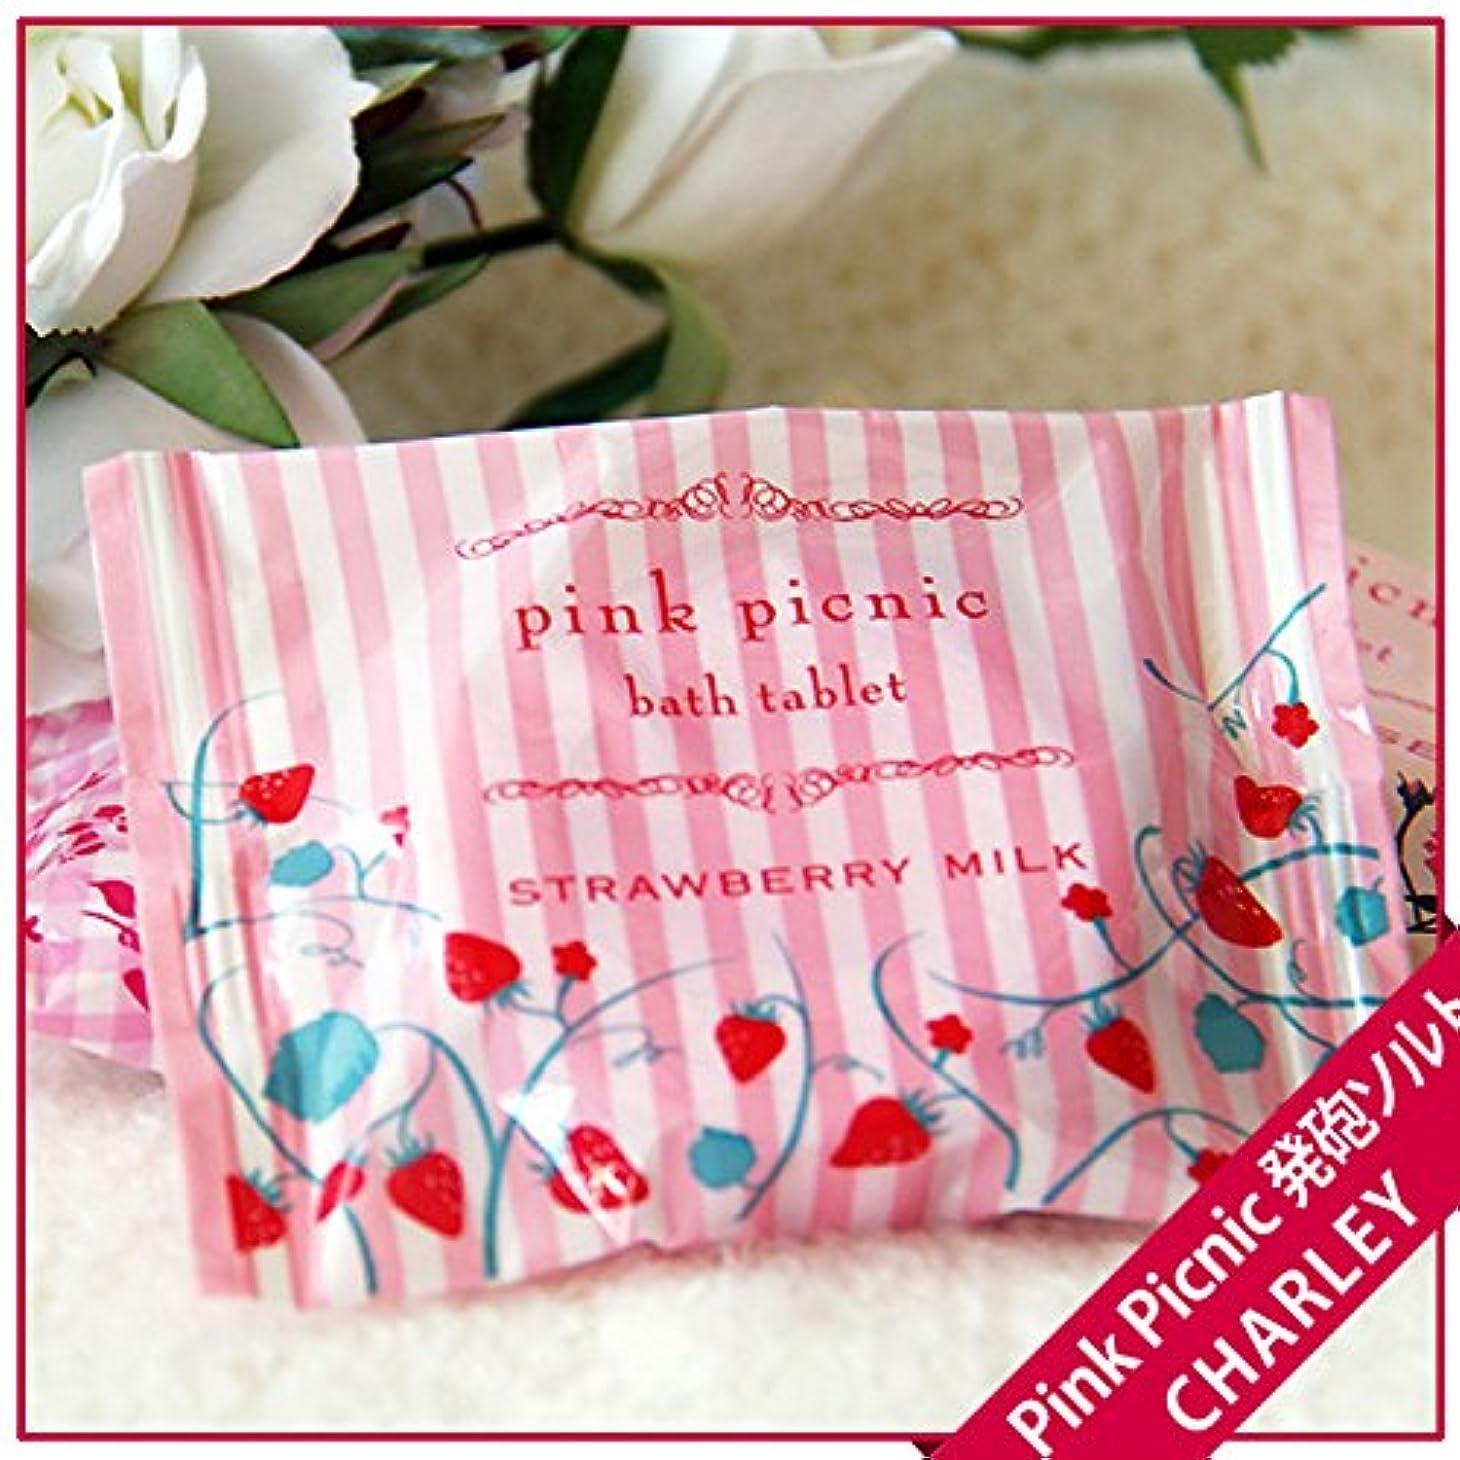 引用信仰調停するピンクピクニック発泡入浴剤 ストロベリー 40g